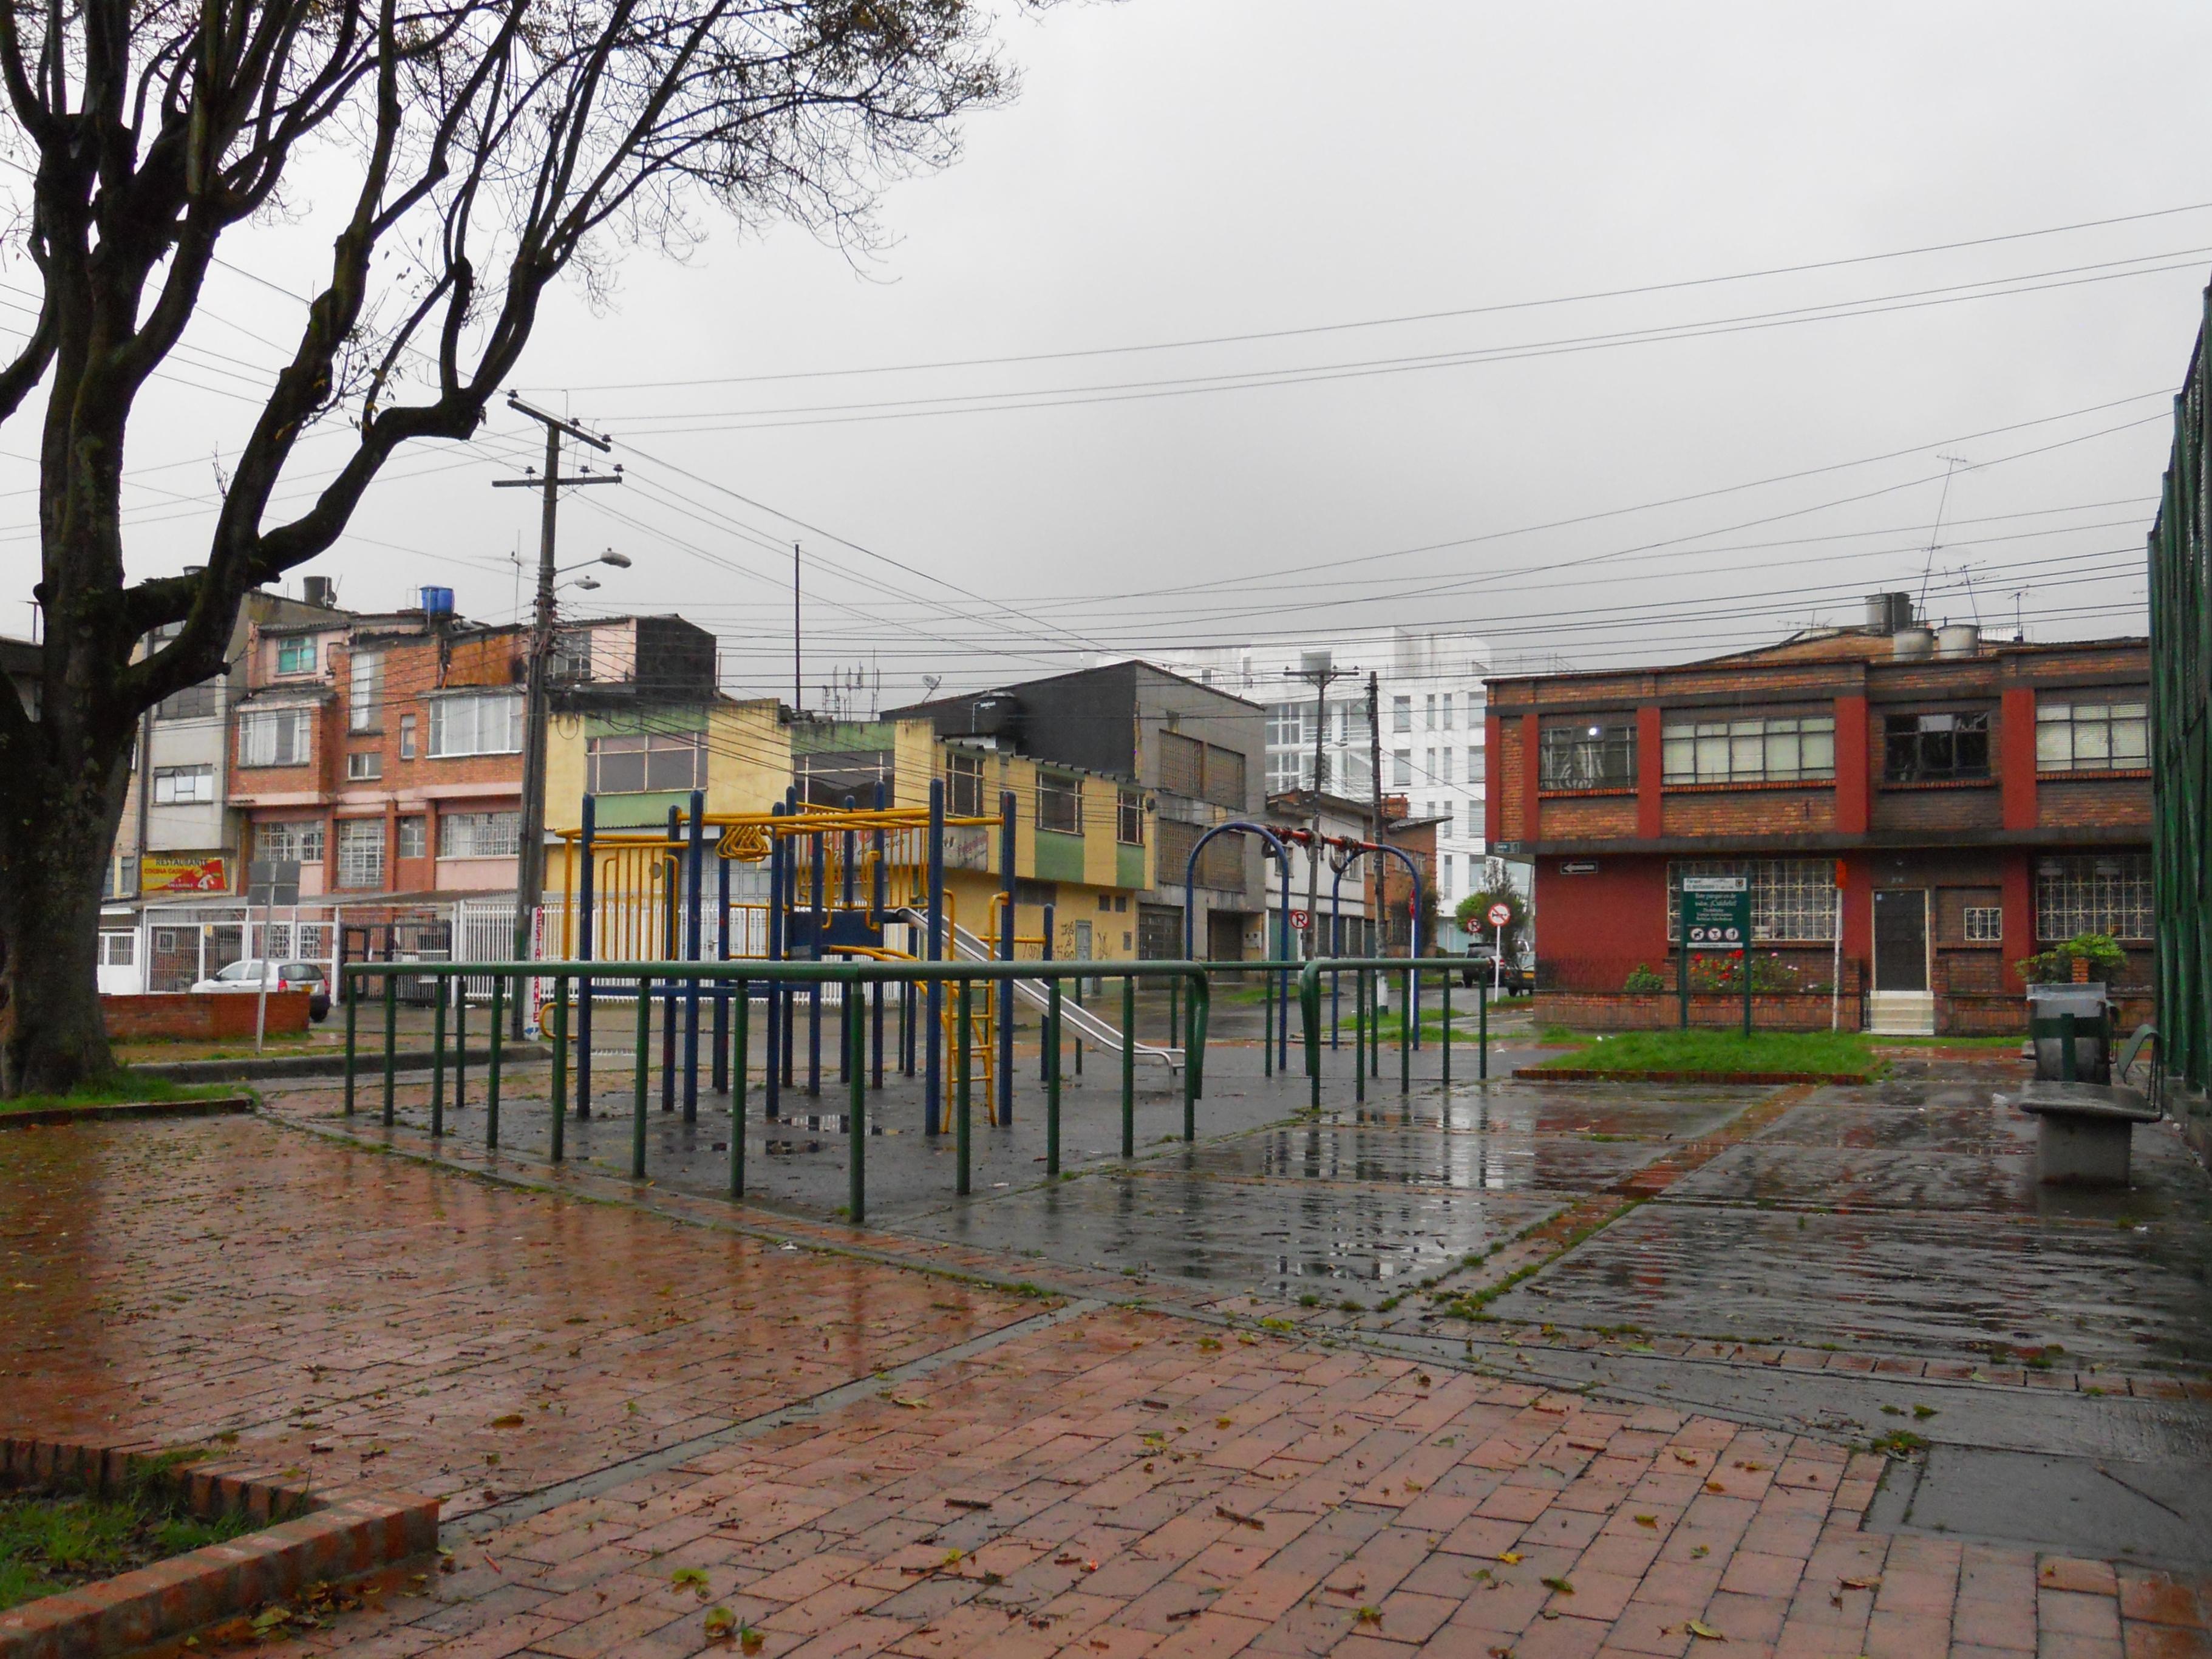 el parque del barrio: